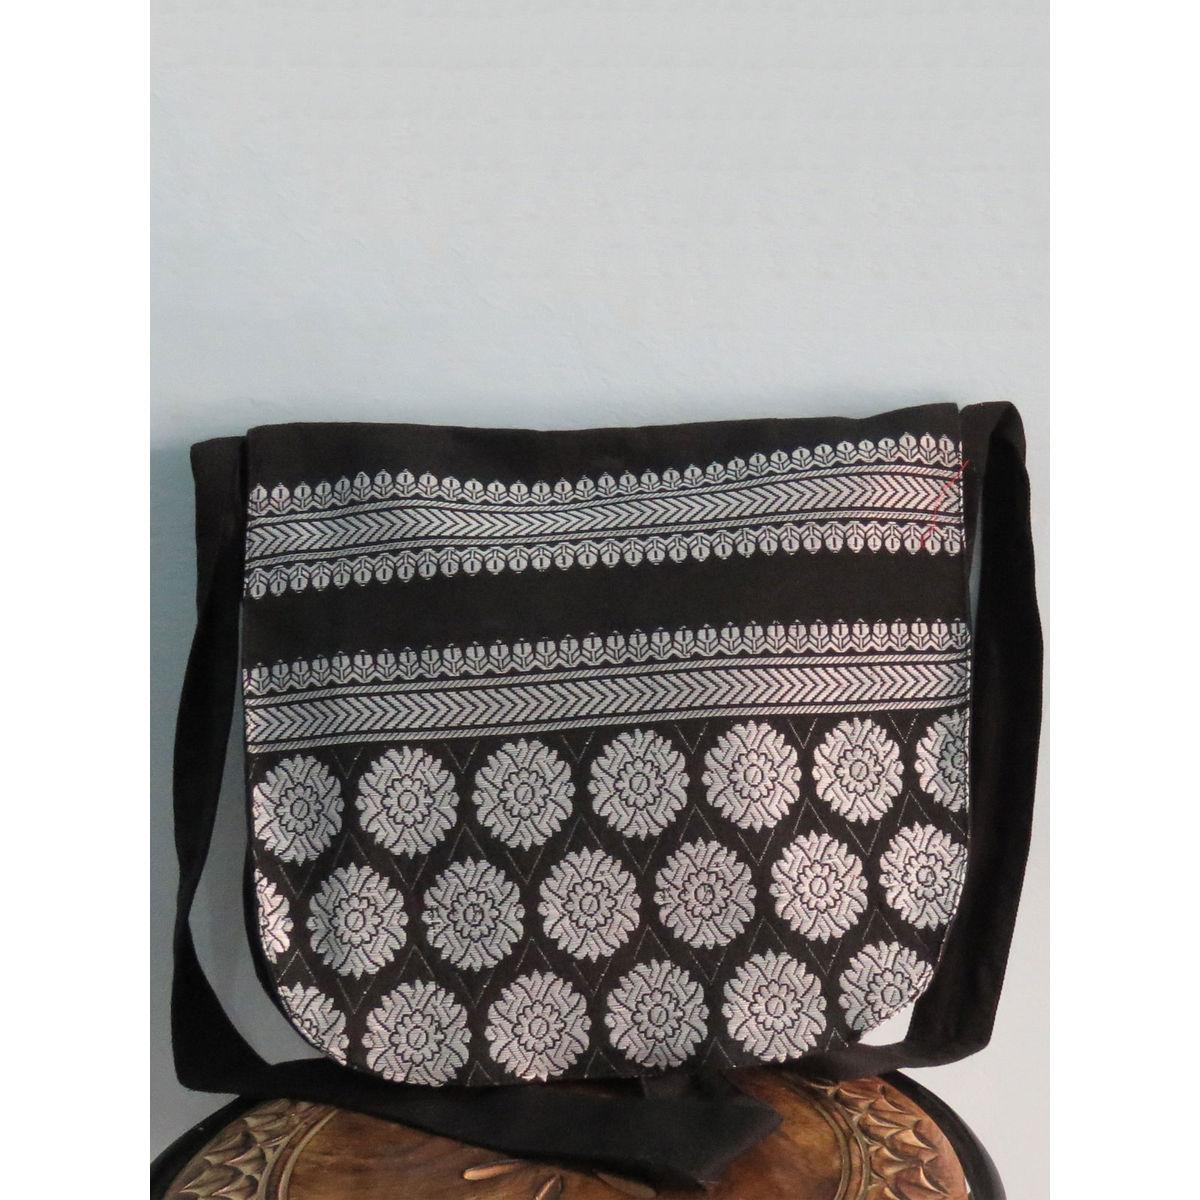 Black messenger bag with handwoven design.